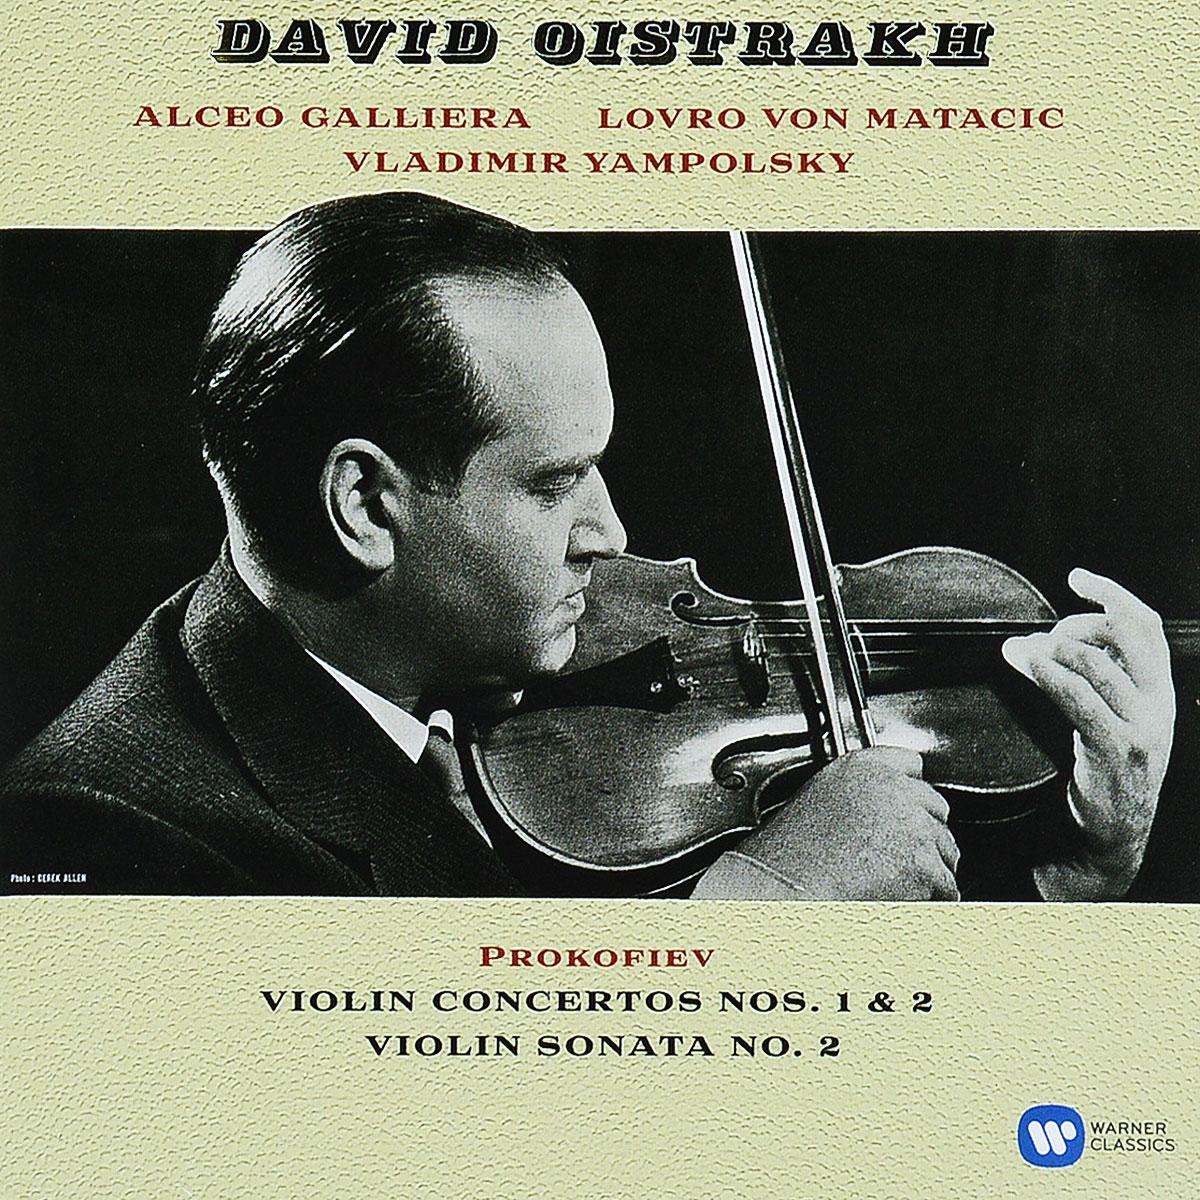 VIOLIN CONCERTOS NOS 1&2 bach bach violin concertos nos 1 2 180 gr